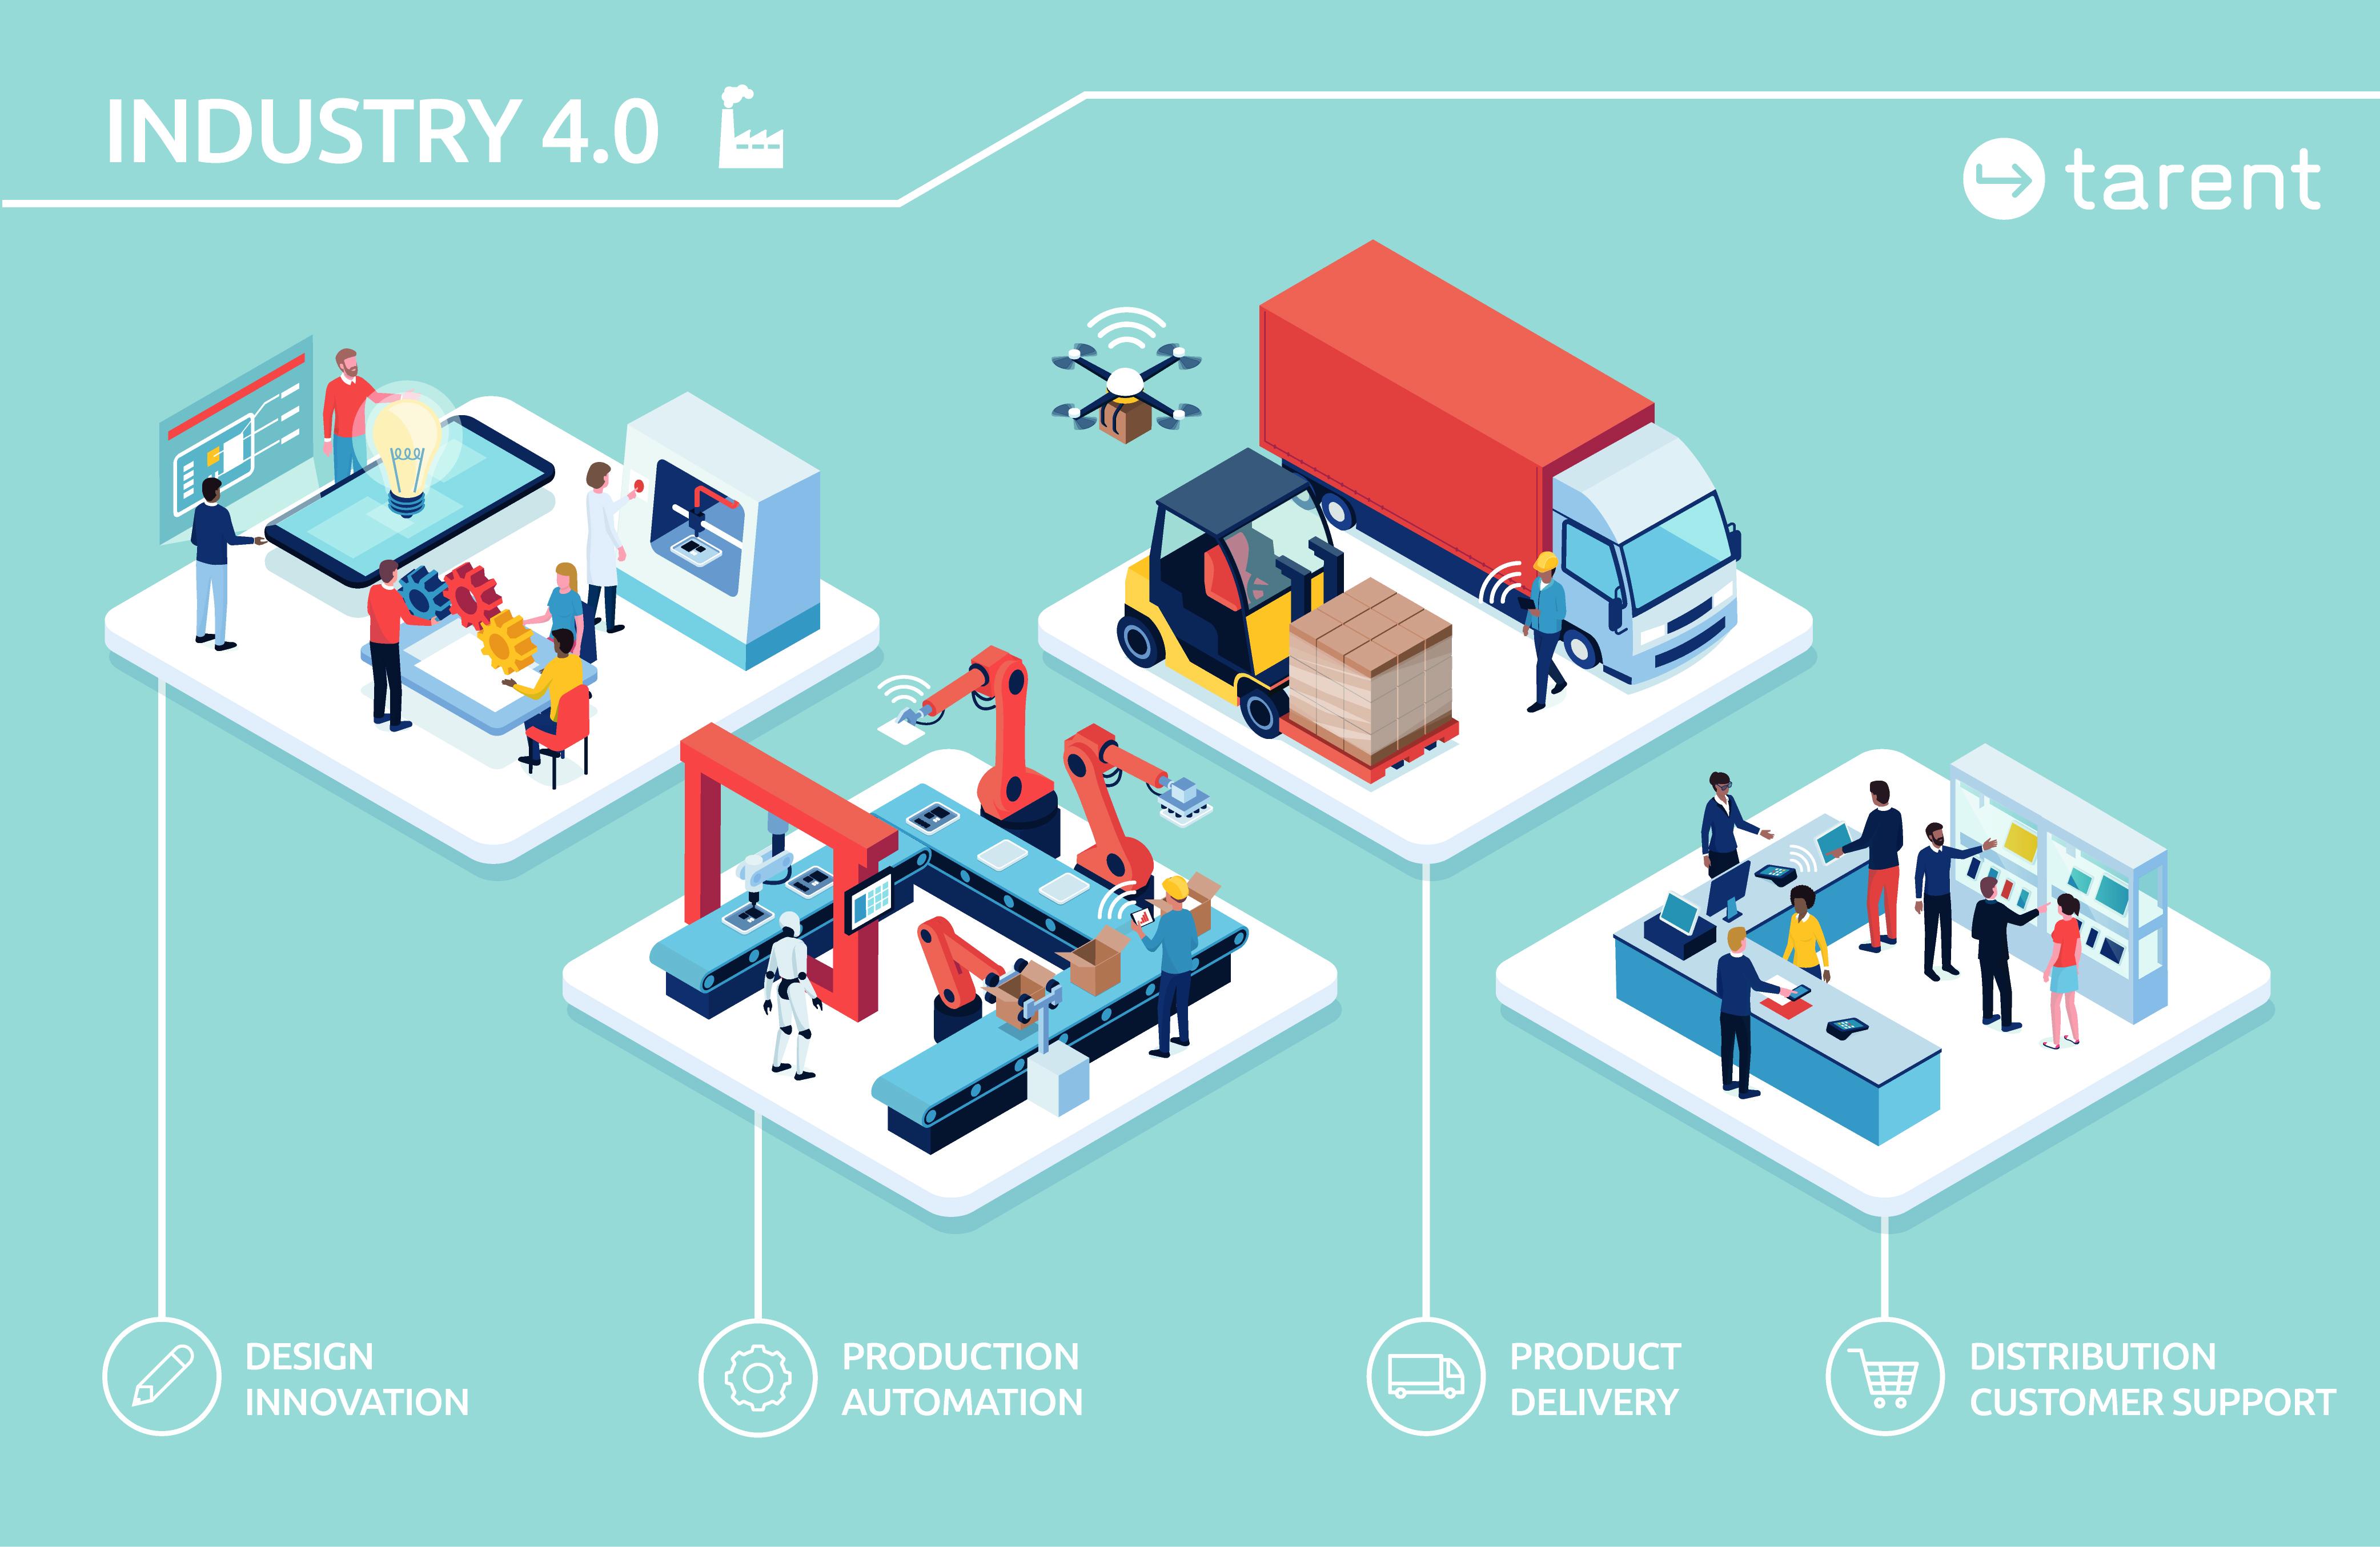 Der aktuelle Technologiesprung bei FTS ist auch auf den Megatrend Industrie 4.0 zurückzuführen. (Bild: Tarent Solutions GmbH)